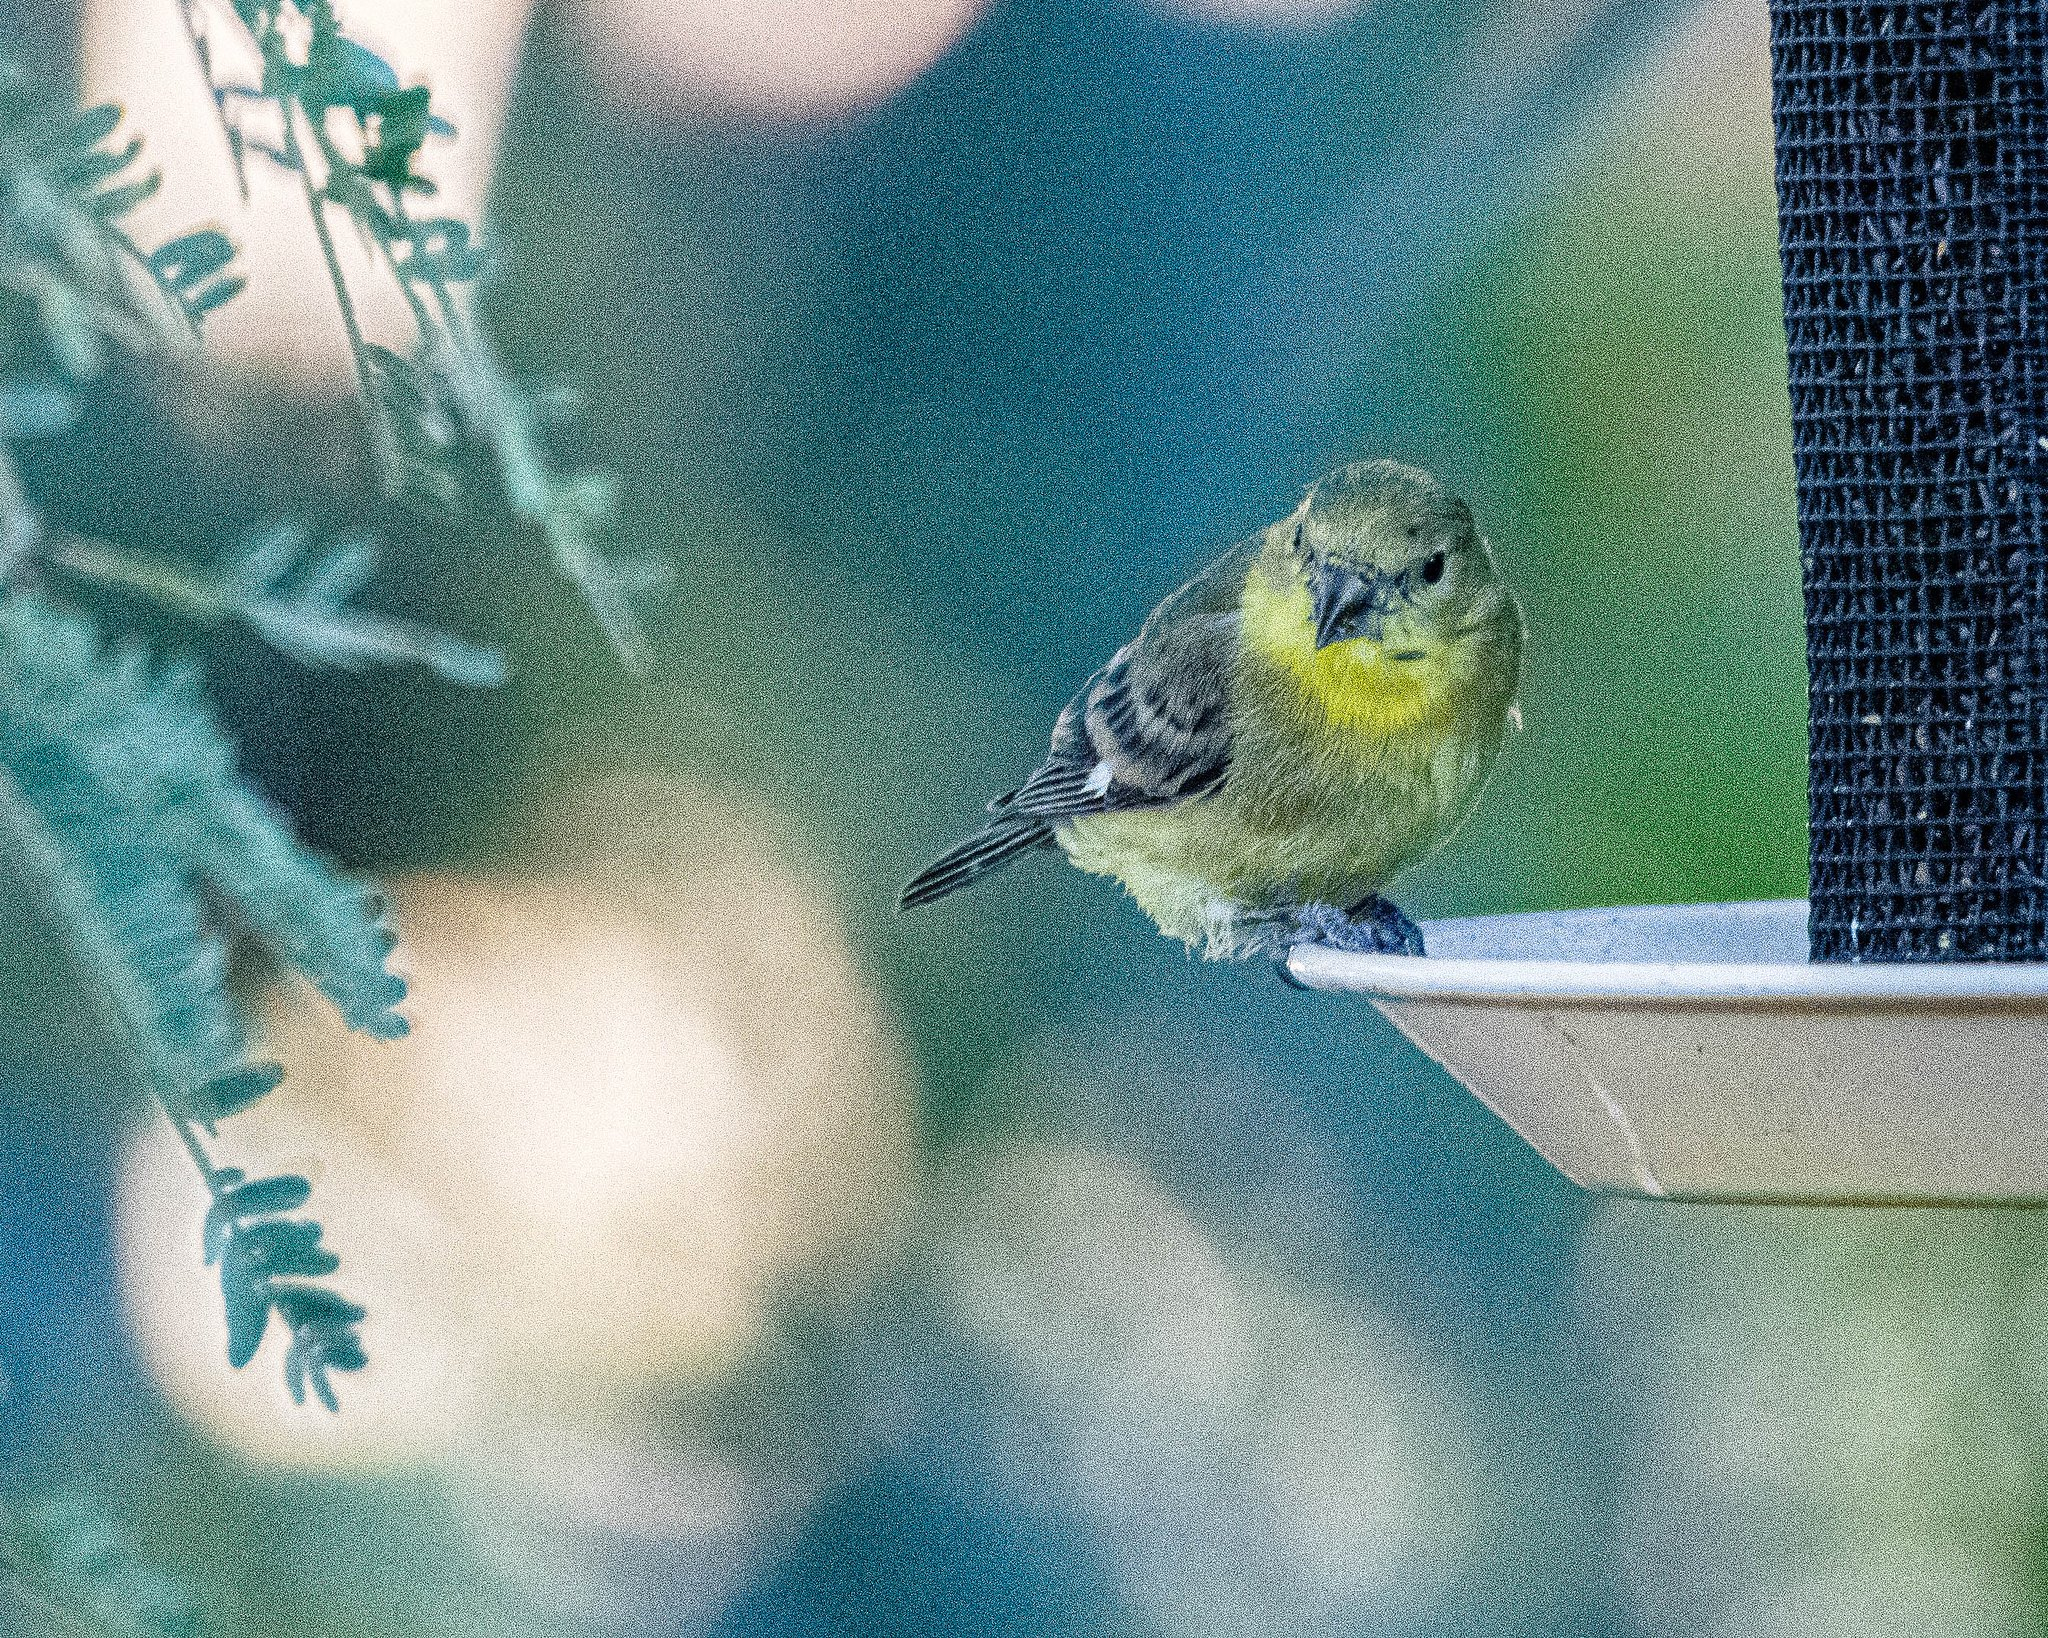 Lesser goldfinch at feeder